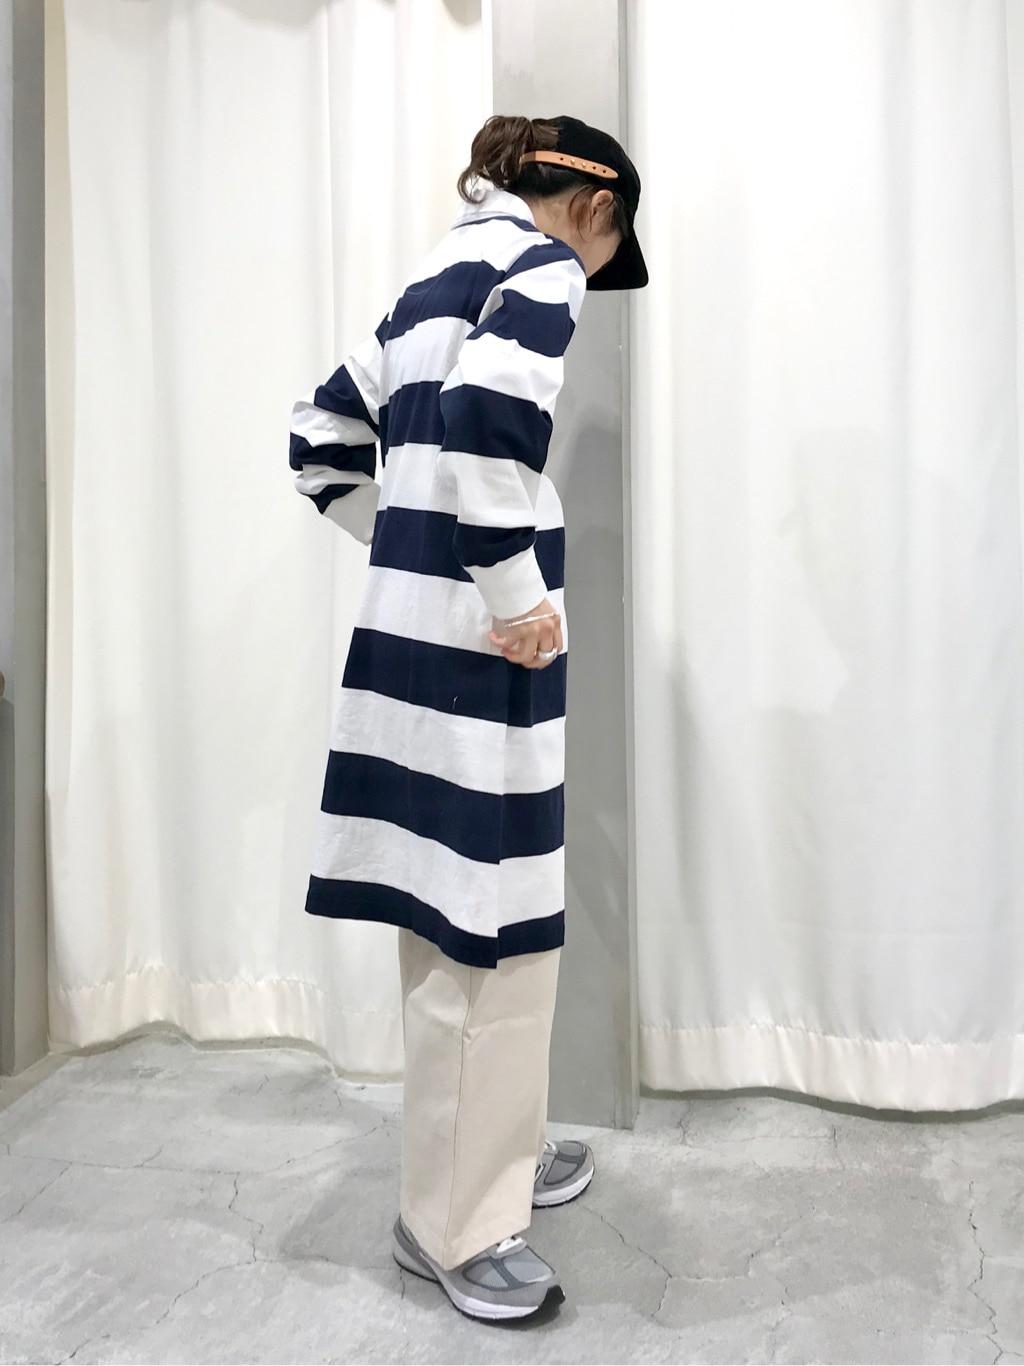 - PAR ICI CHILD WOMAN , PAR ICI ルミネ池袋 身長:154cm 2021.02.21